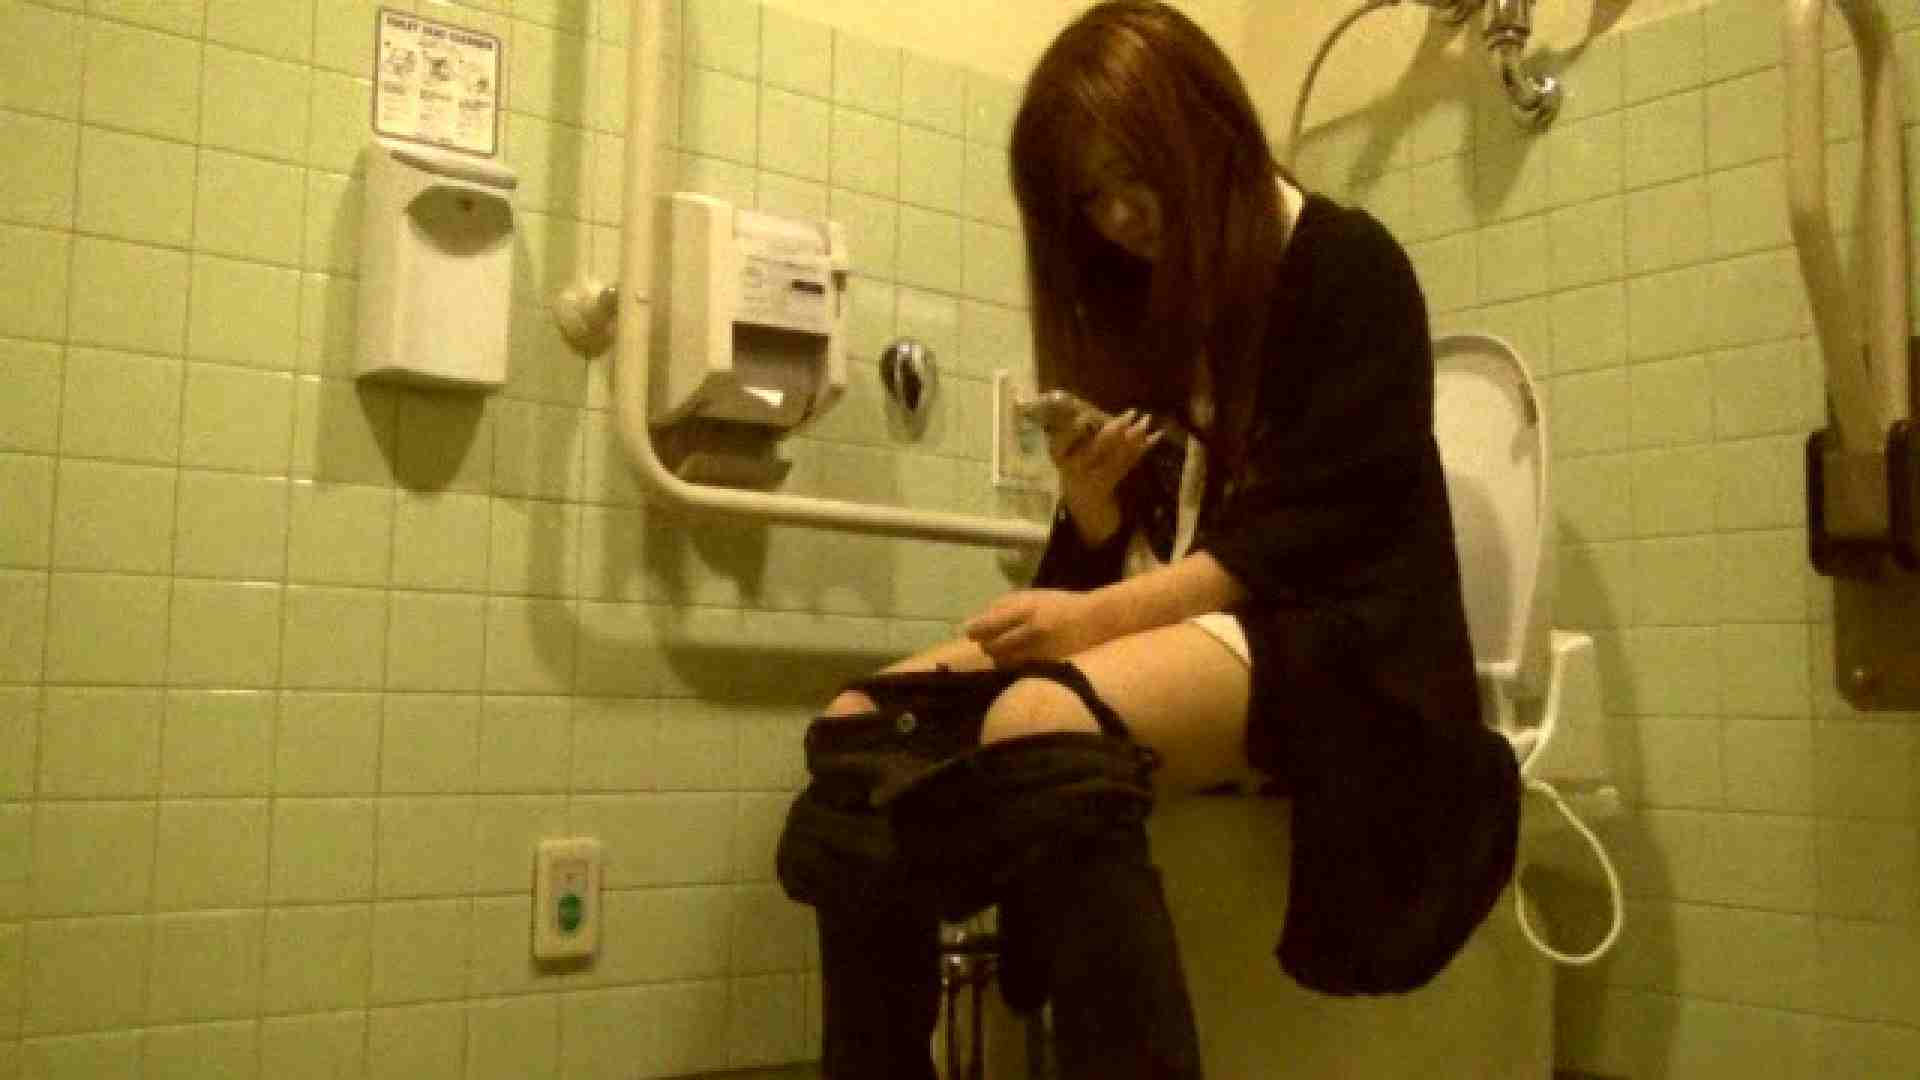 魔術師の お・も・て・な・し vol.26 19歳のバーの店員さんの洗面所をしばし… 洗面所 | 美女OL  54連発 39